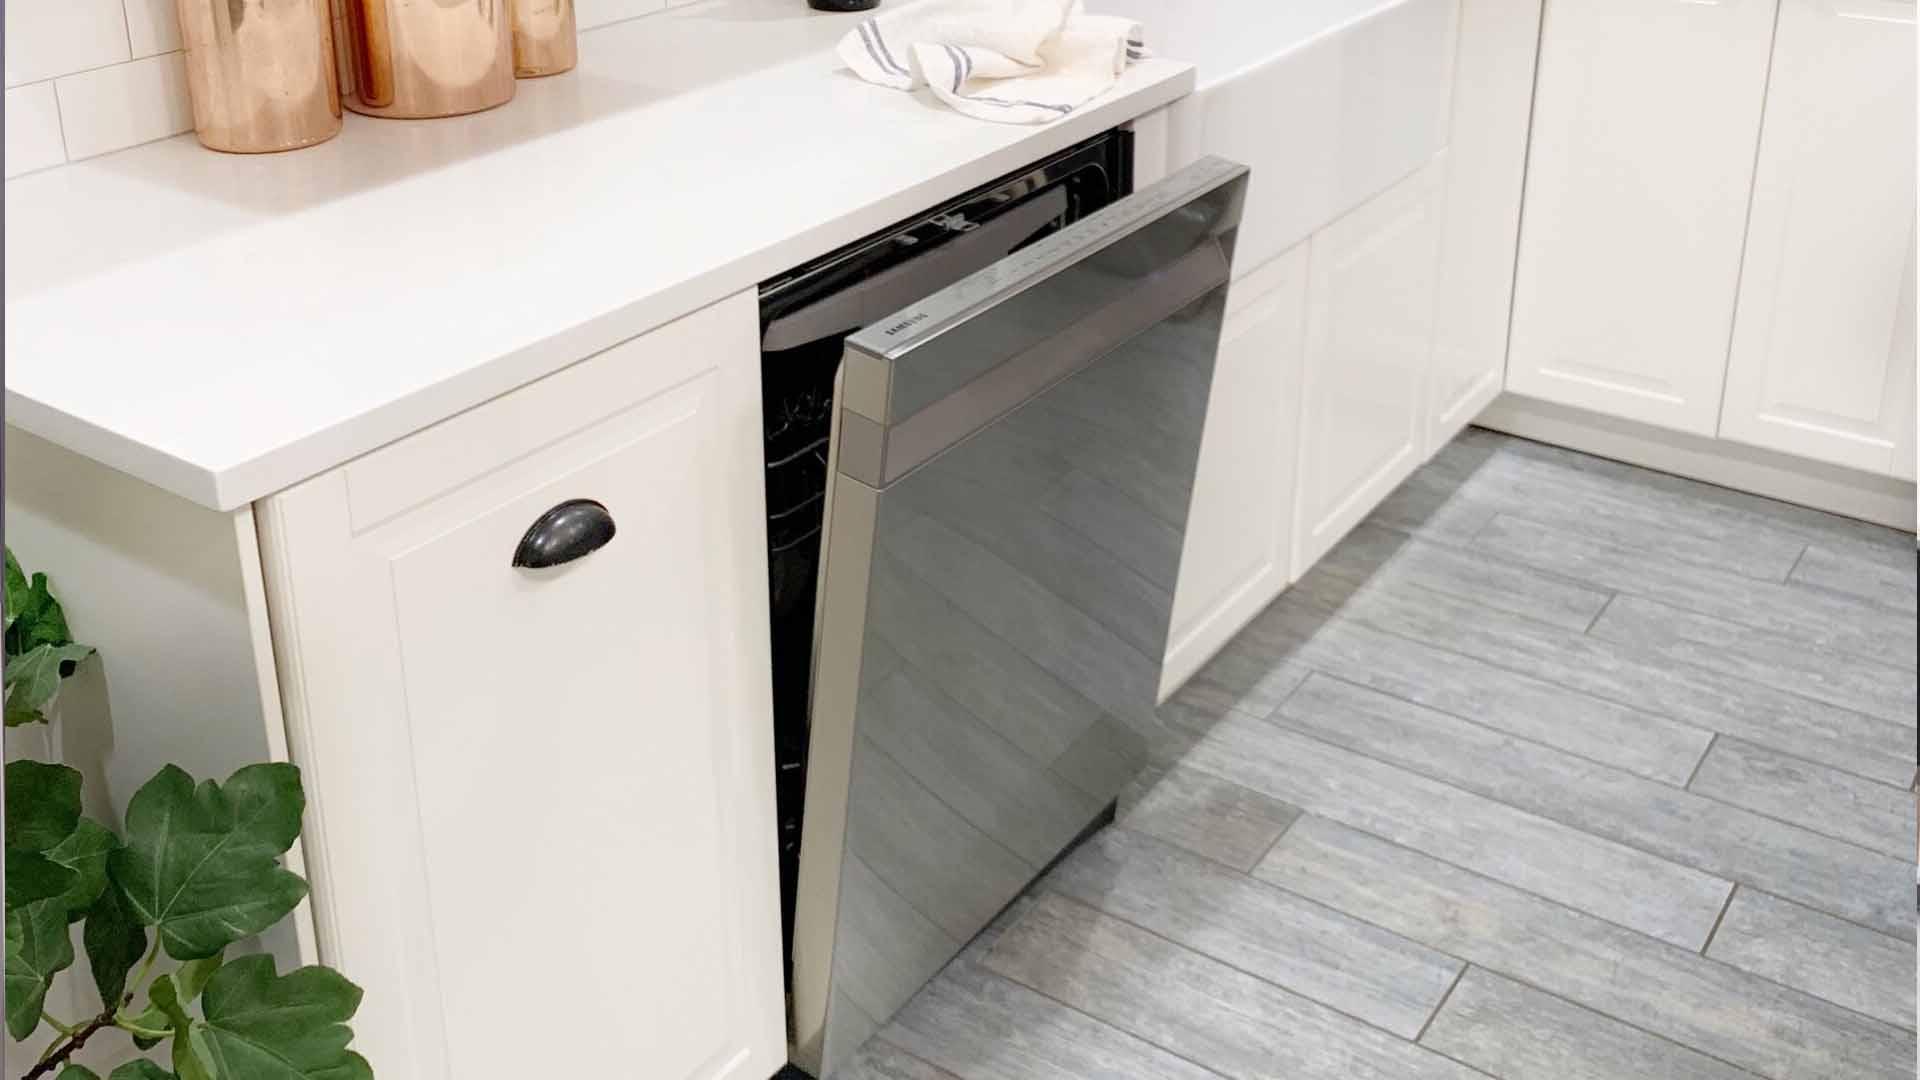 Samsung Linear Dishwasher Repair | Samsung Appliance Repair